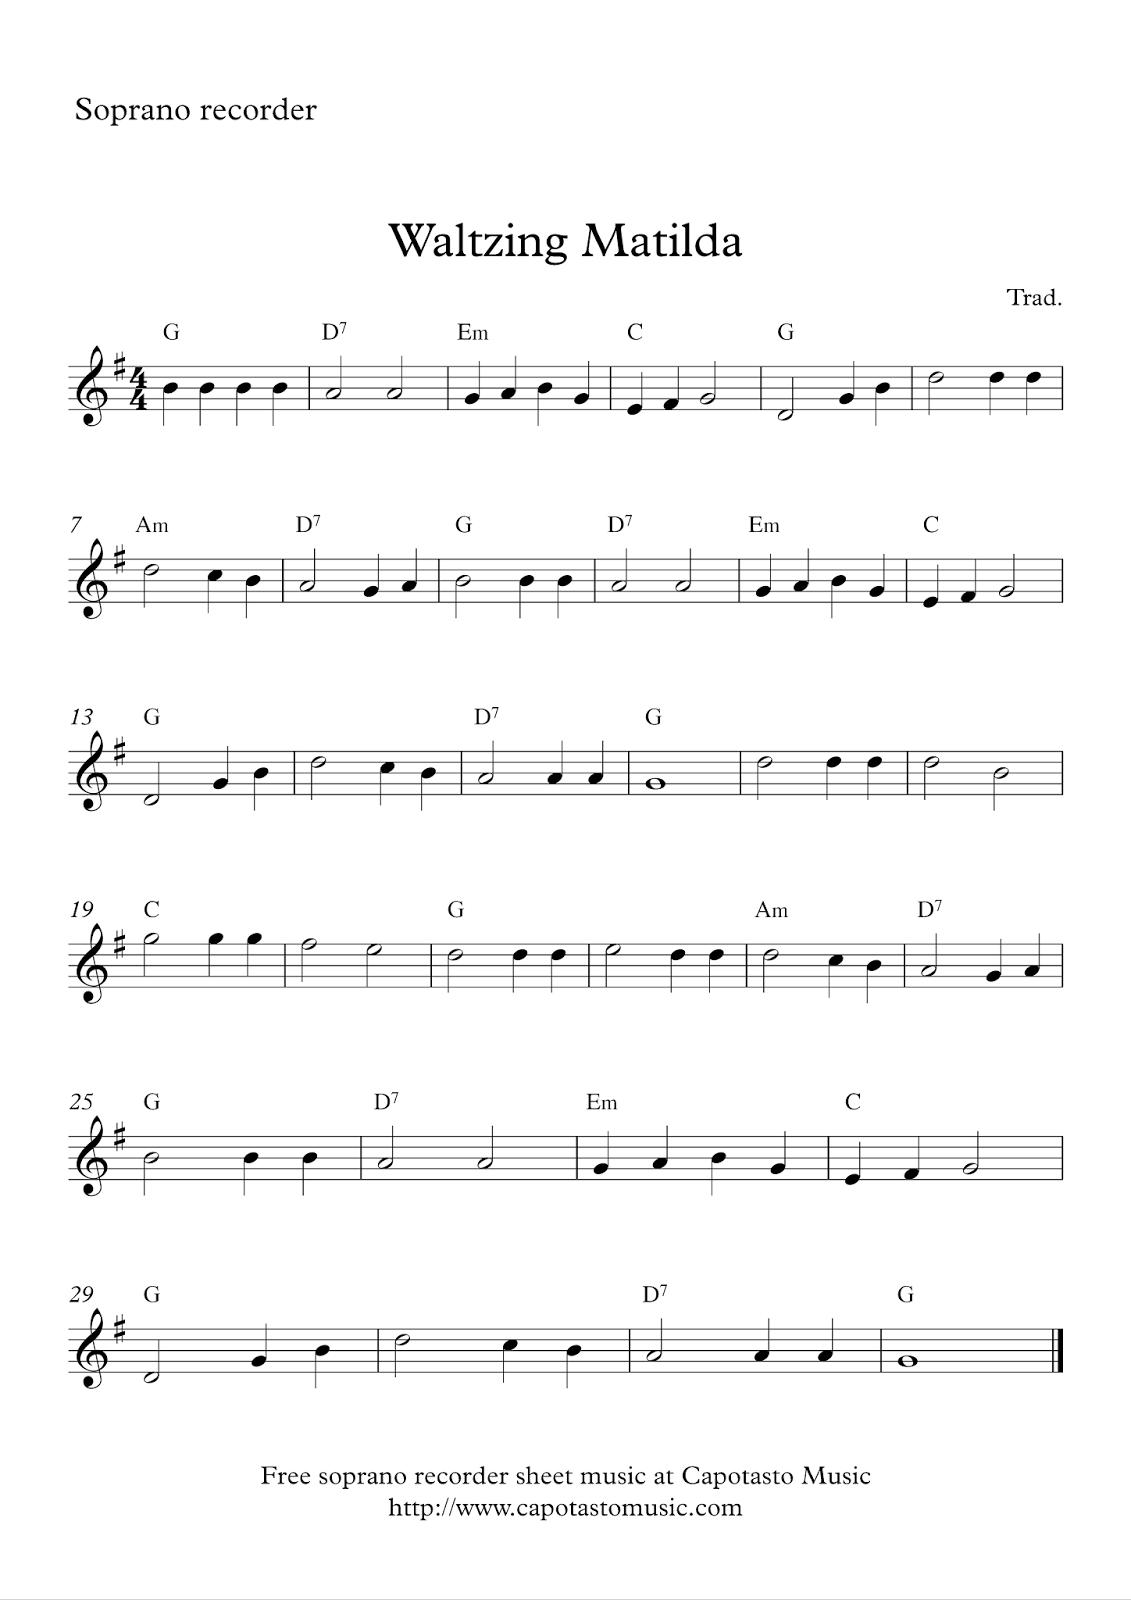 Free Sheet Music Scores Soprano Recorder